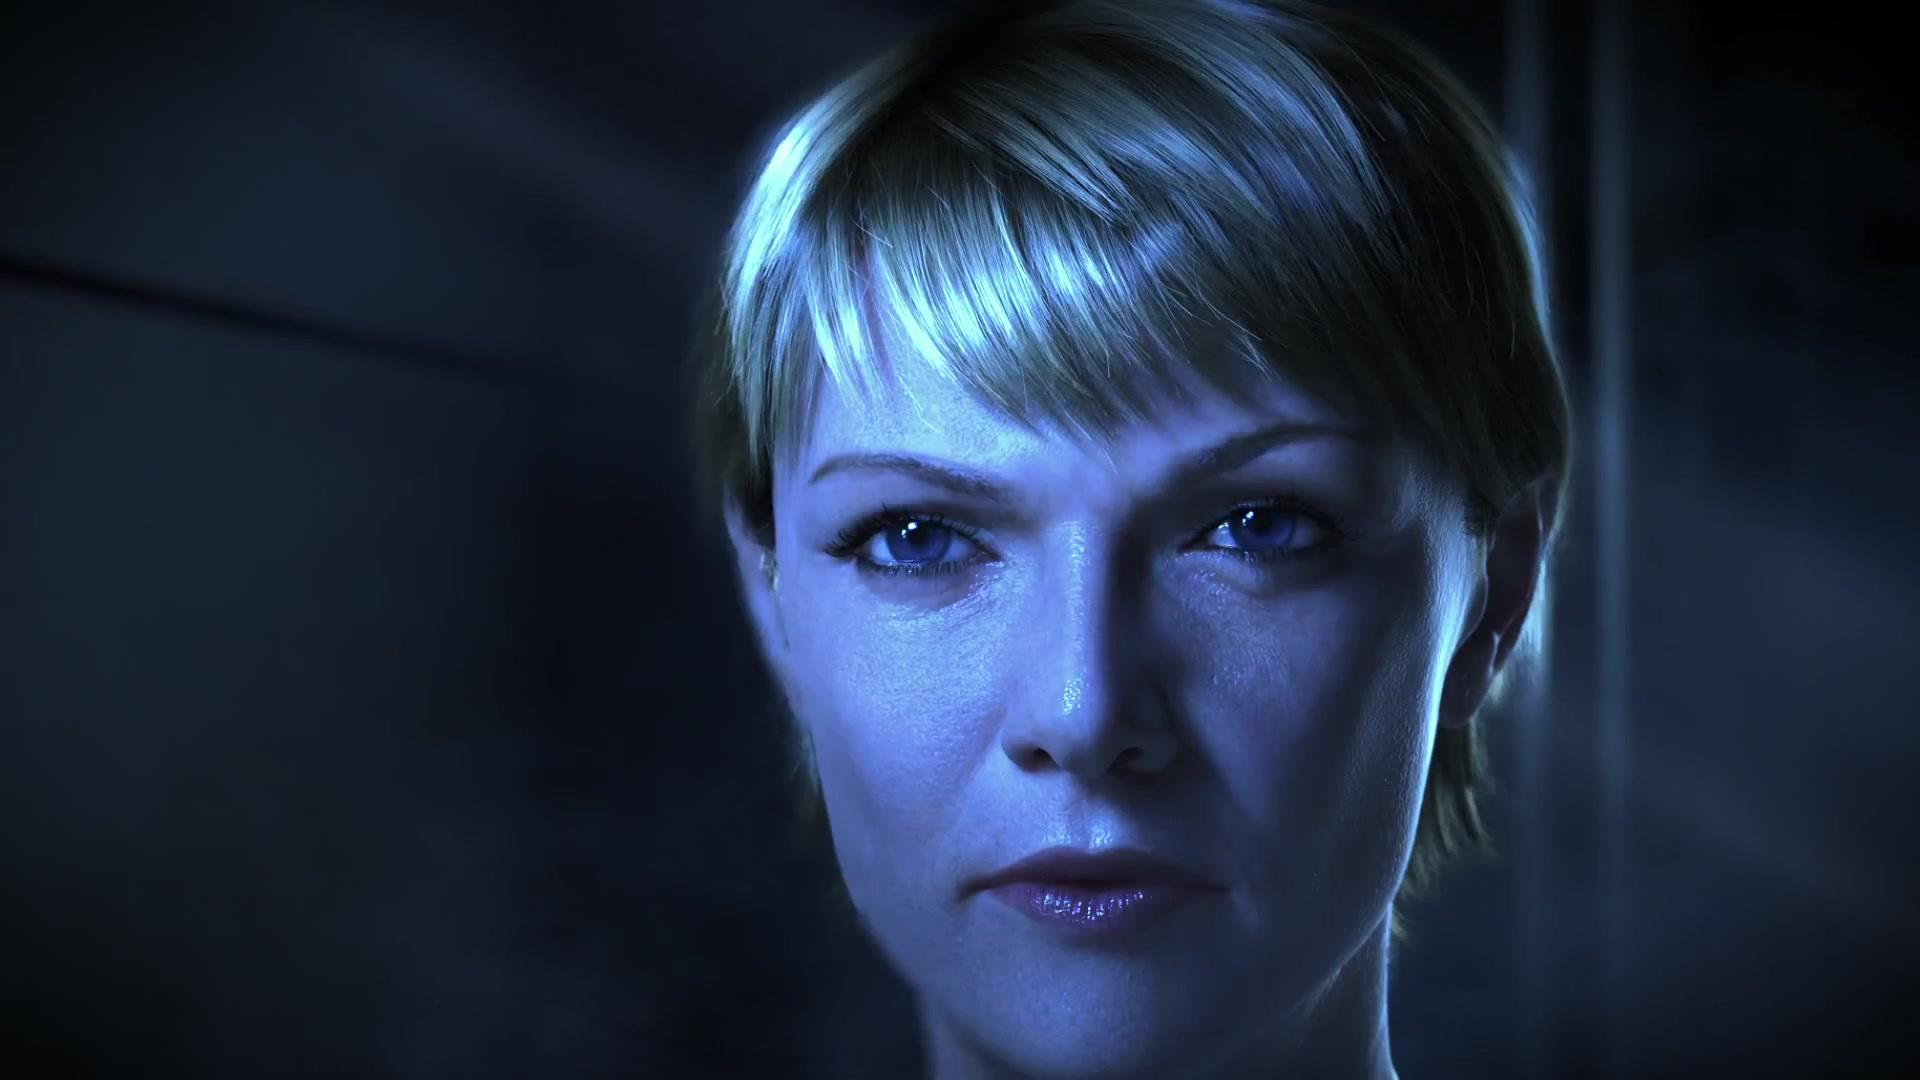 STARGATE SG-1 UNLEASHED TEASER 392.jpg